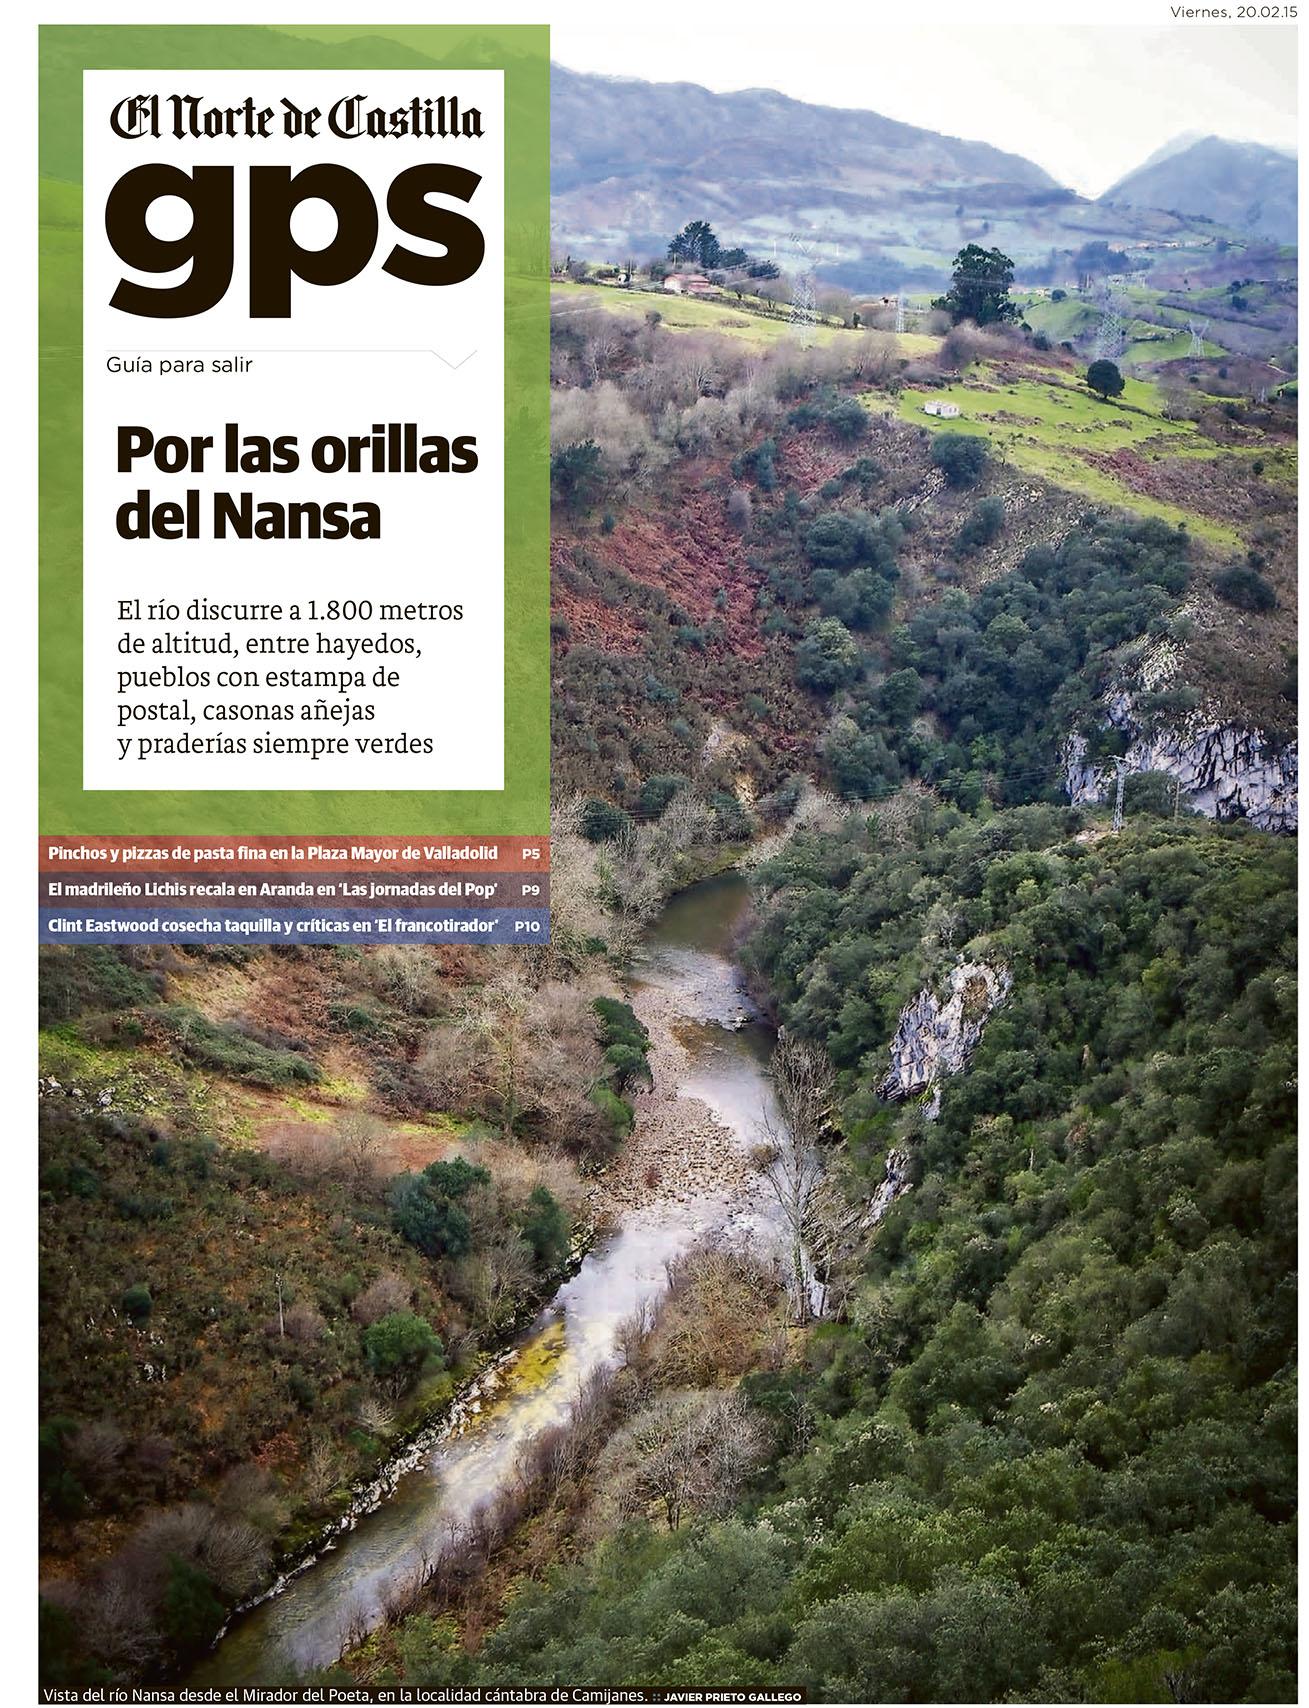 Reportaje sobre la Senda Fluvial del Nansa publicado por Javier Prieto Gallego en EL NORTE DE CASTILLA.